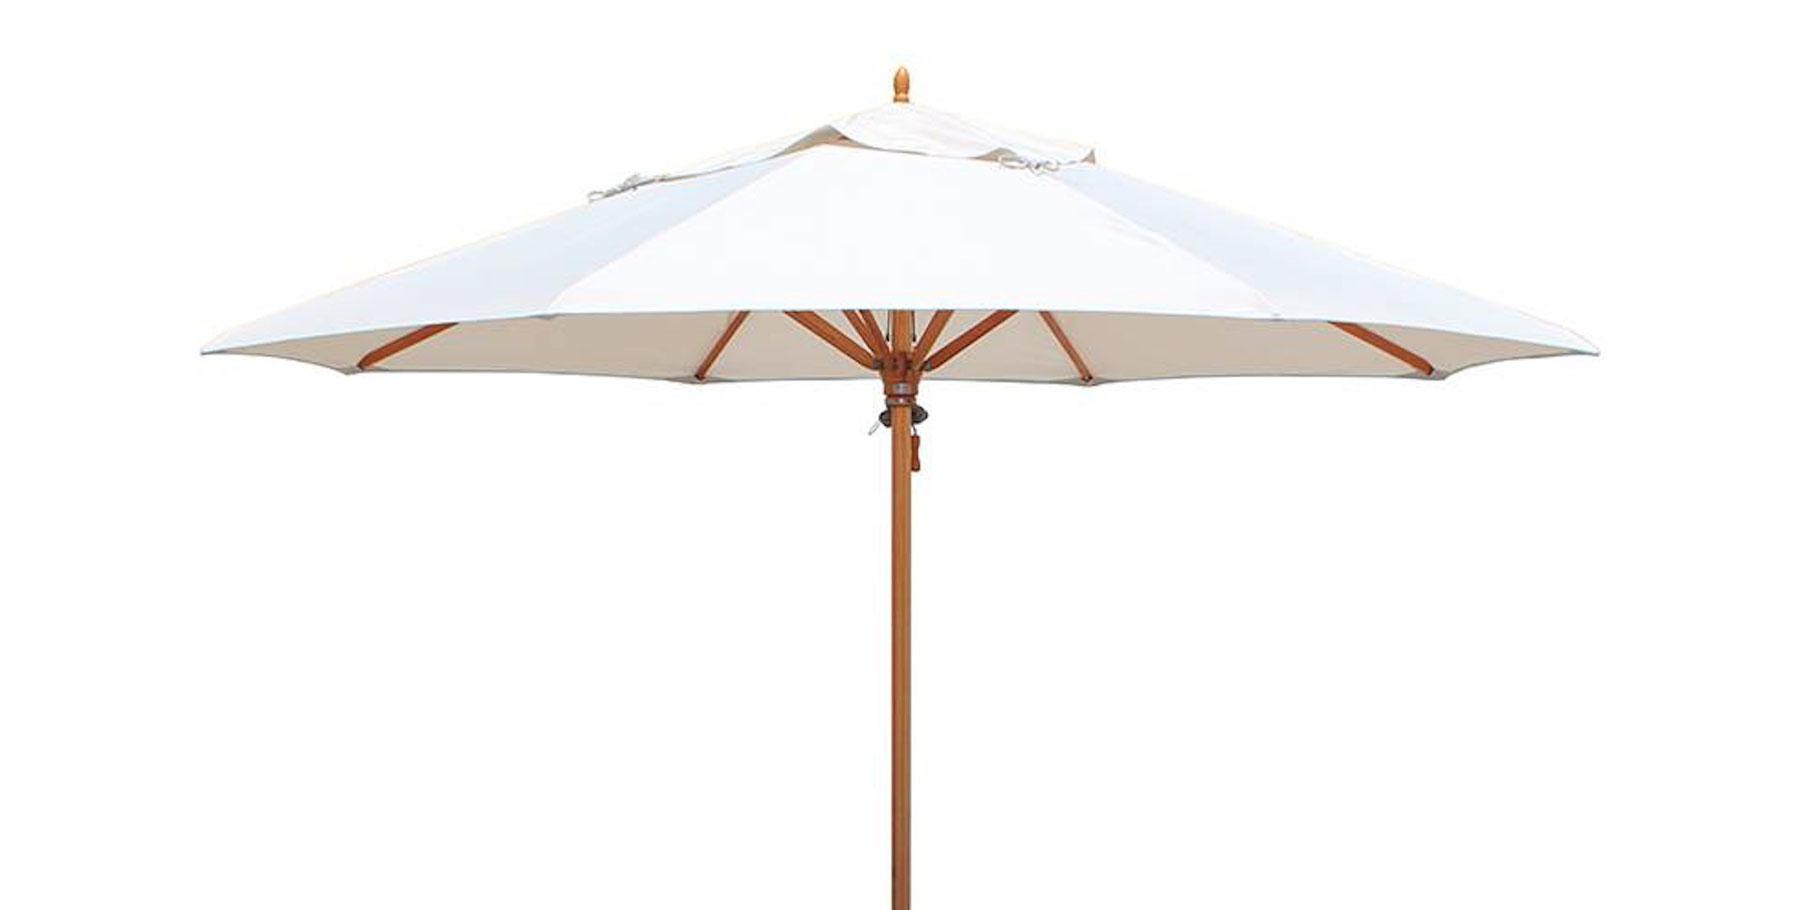 tradewinds sonnenschirm holz rund 320 cm solero bei sonnenschirme co gastroschirme und. Black Bedroom Furniture Sets. Home Design Ideas